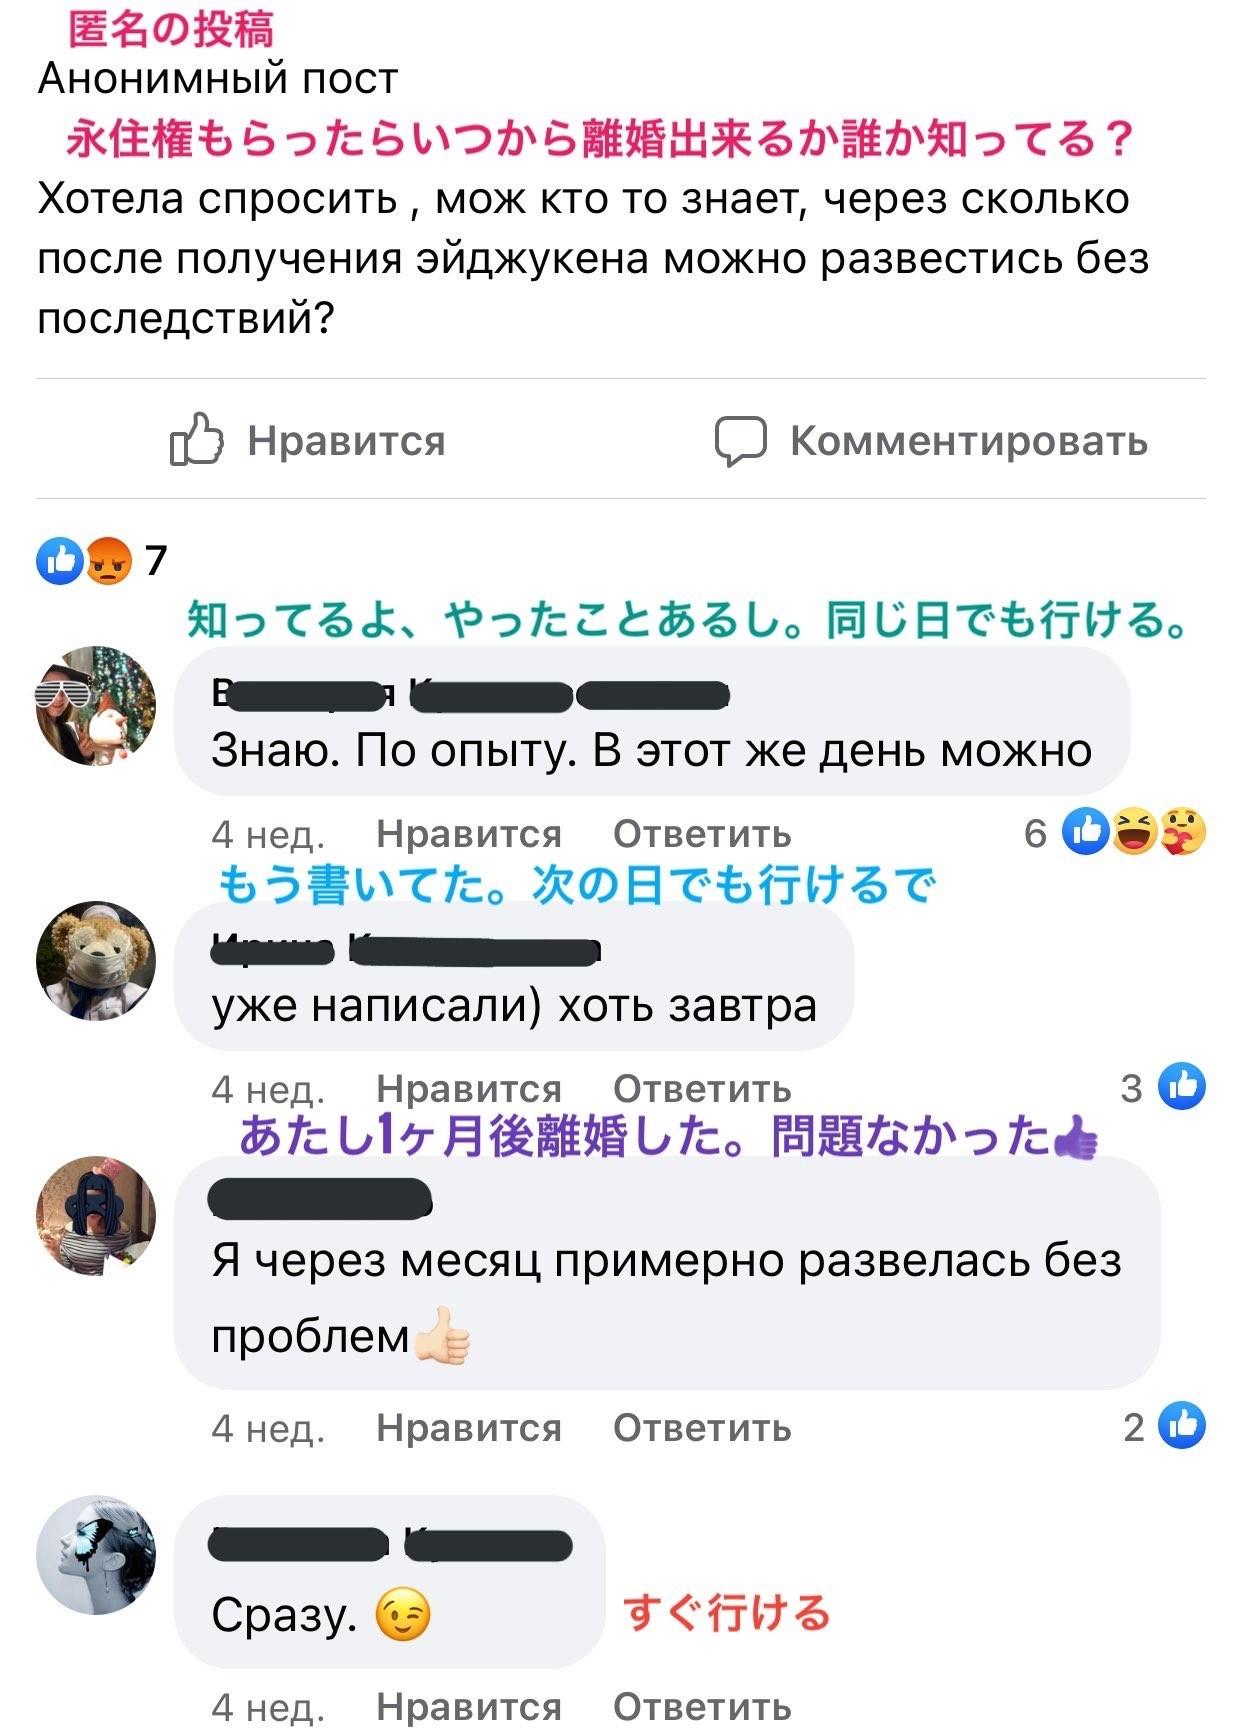 日本男「ロシア美女と結婚できたぞ!」ロシア女「永住権ゲットできたから消えるね❤」